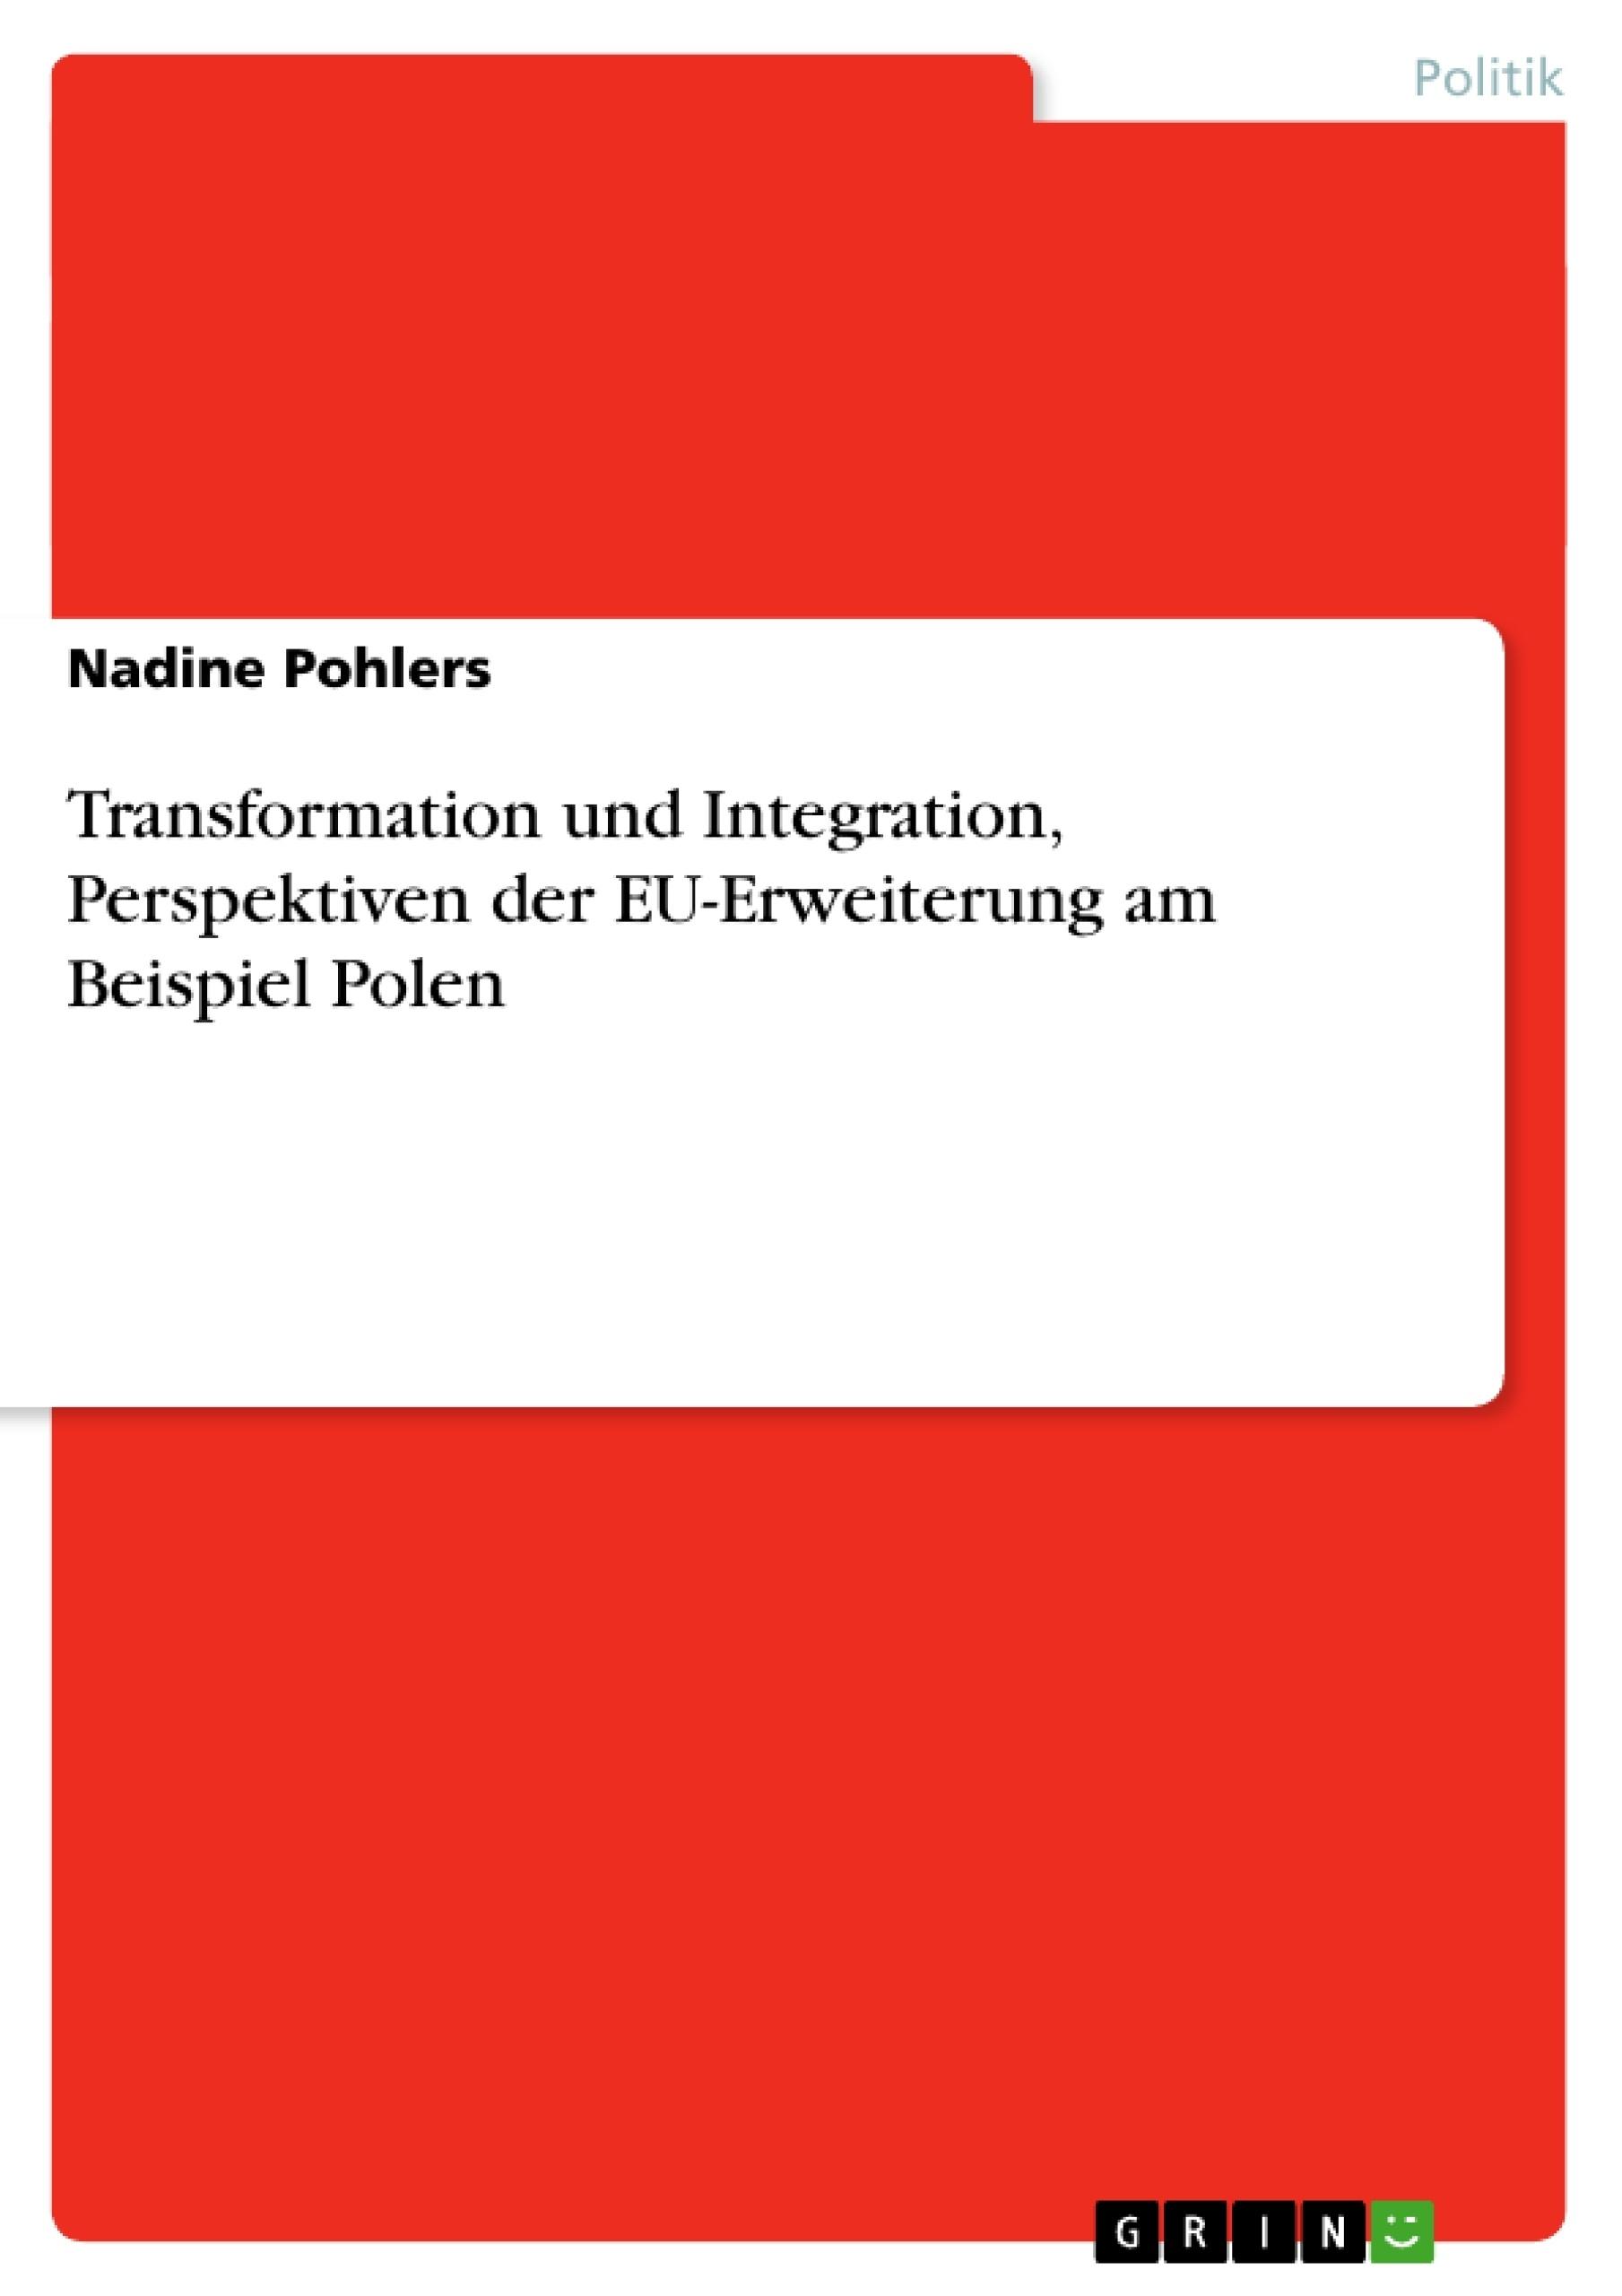 Titel: Transformation und Integration, Perspektiven der EU-Erweiterung am Beispiel Polen